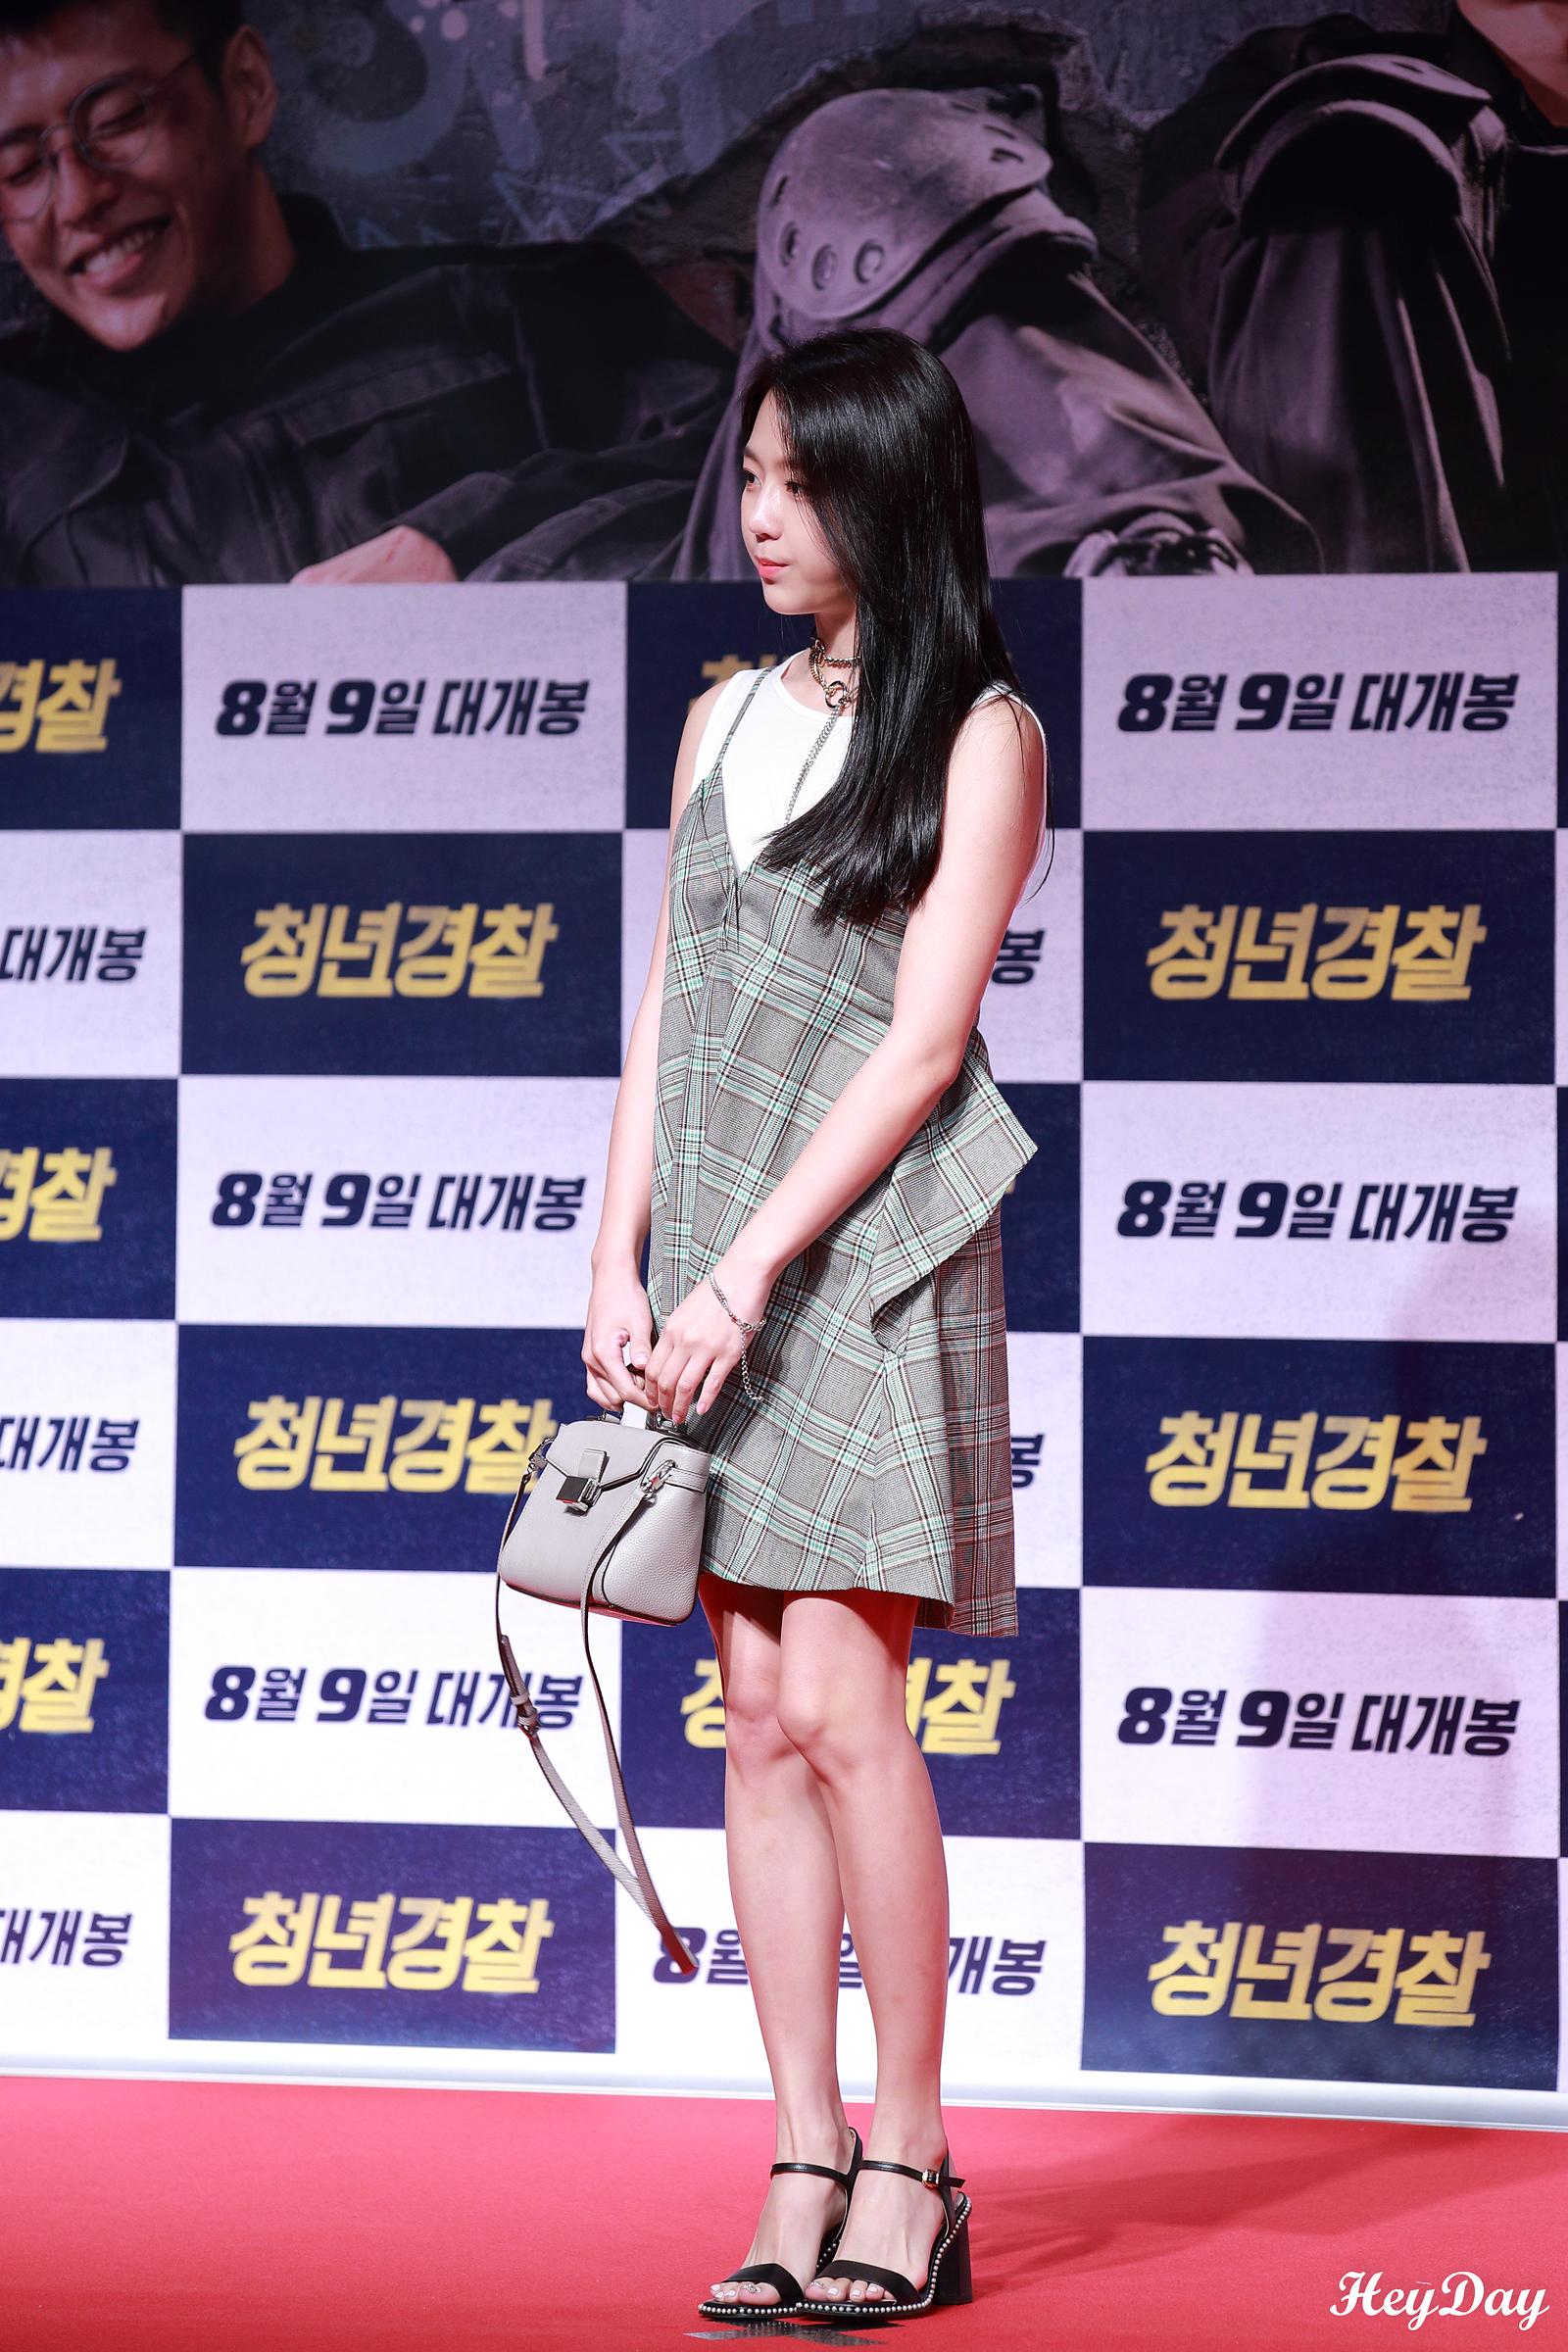 Kim Ye-won (singer) - Wikipedia